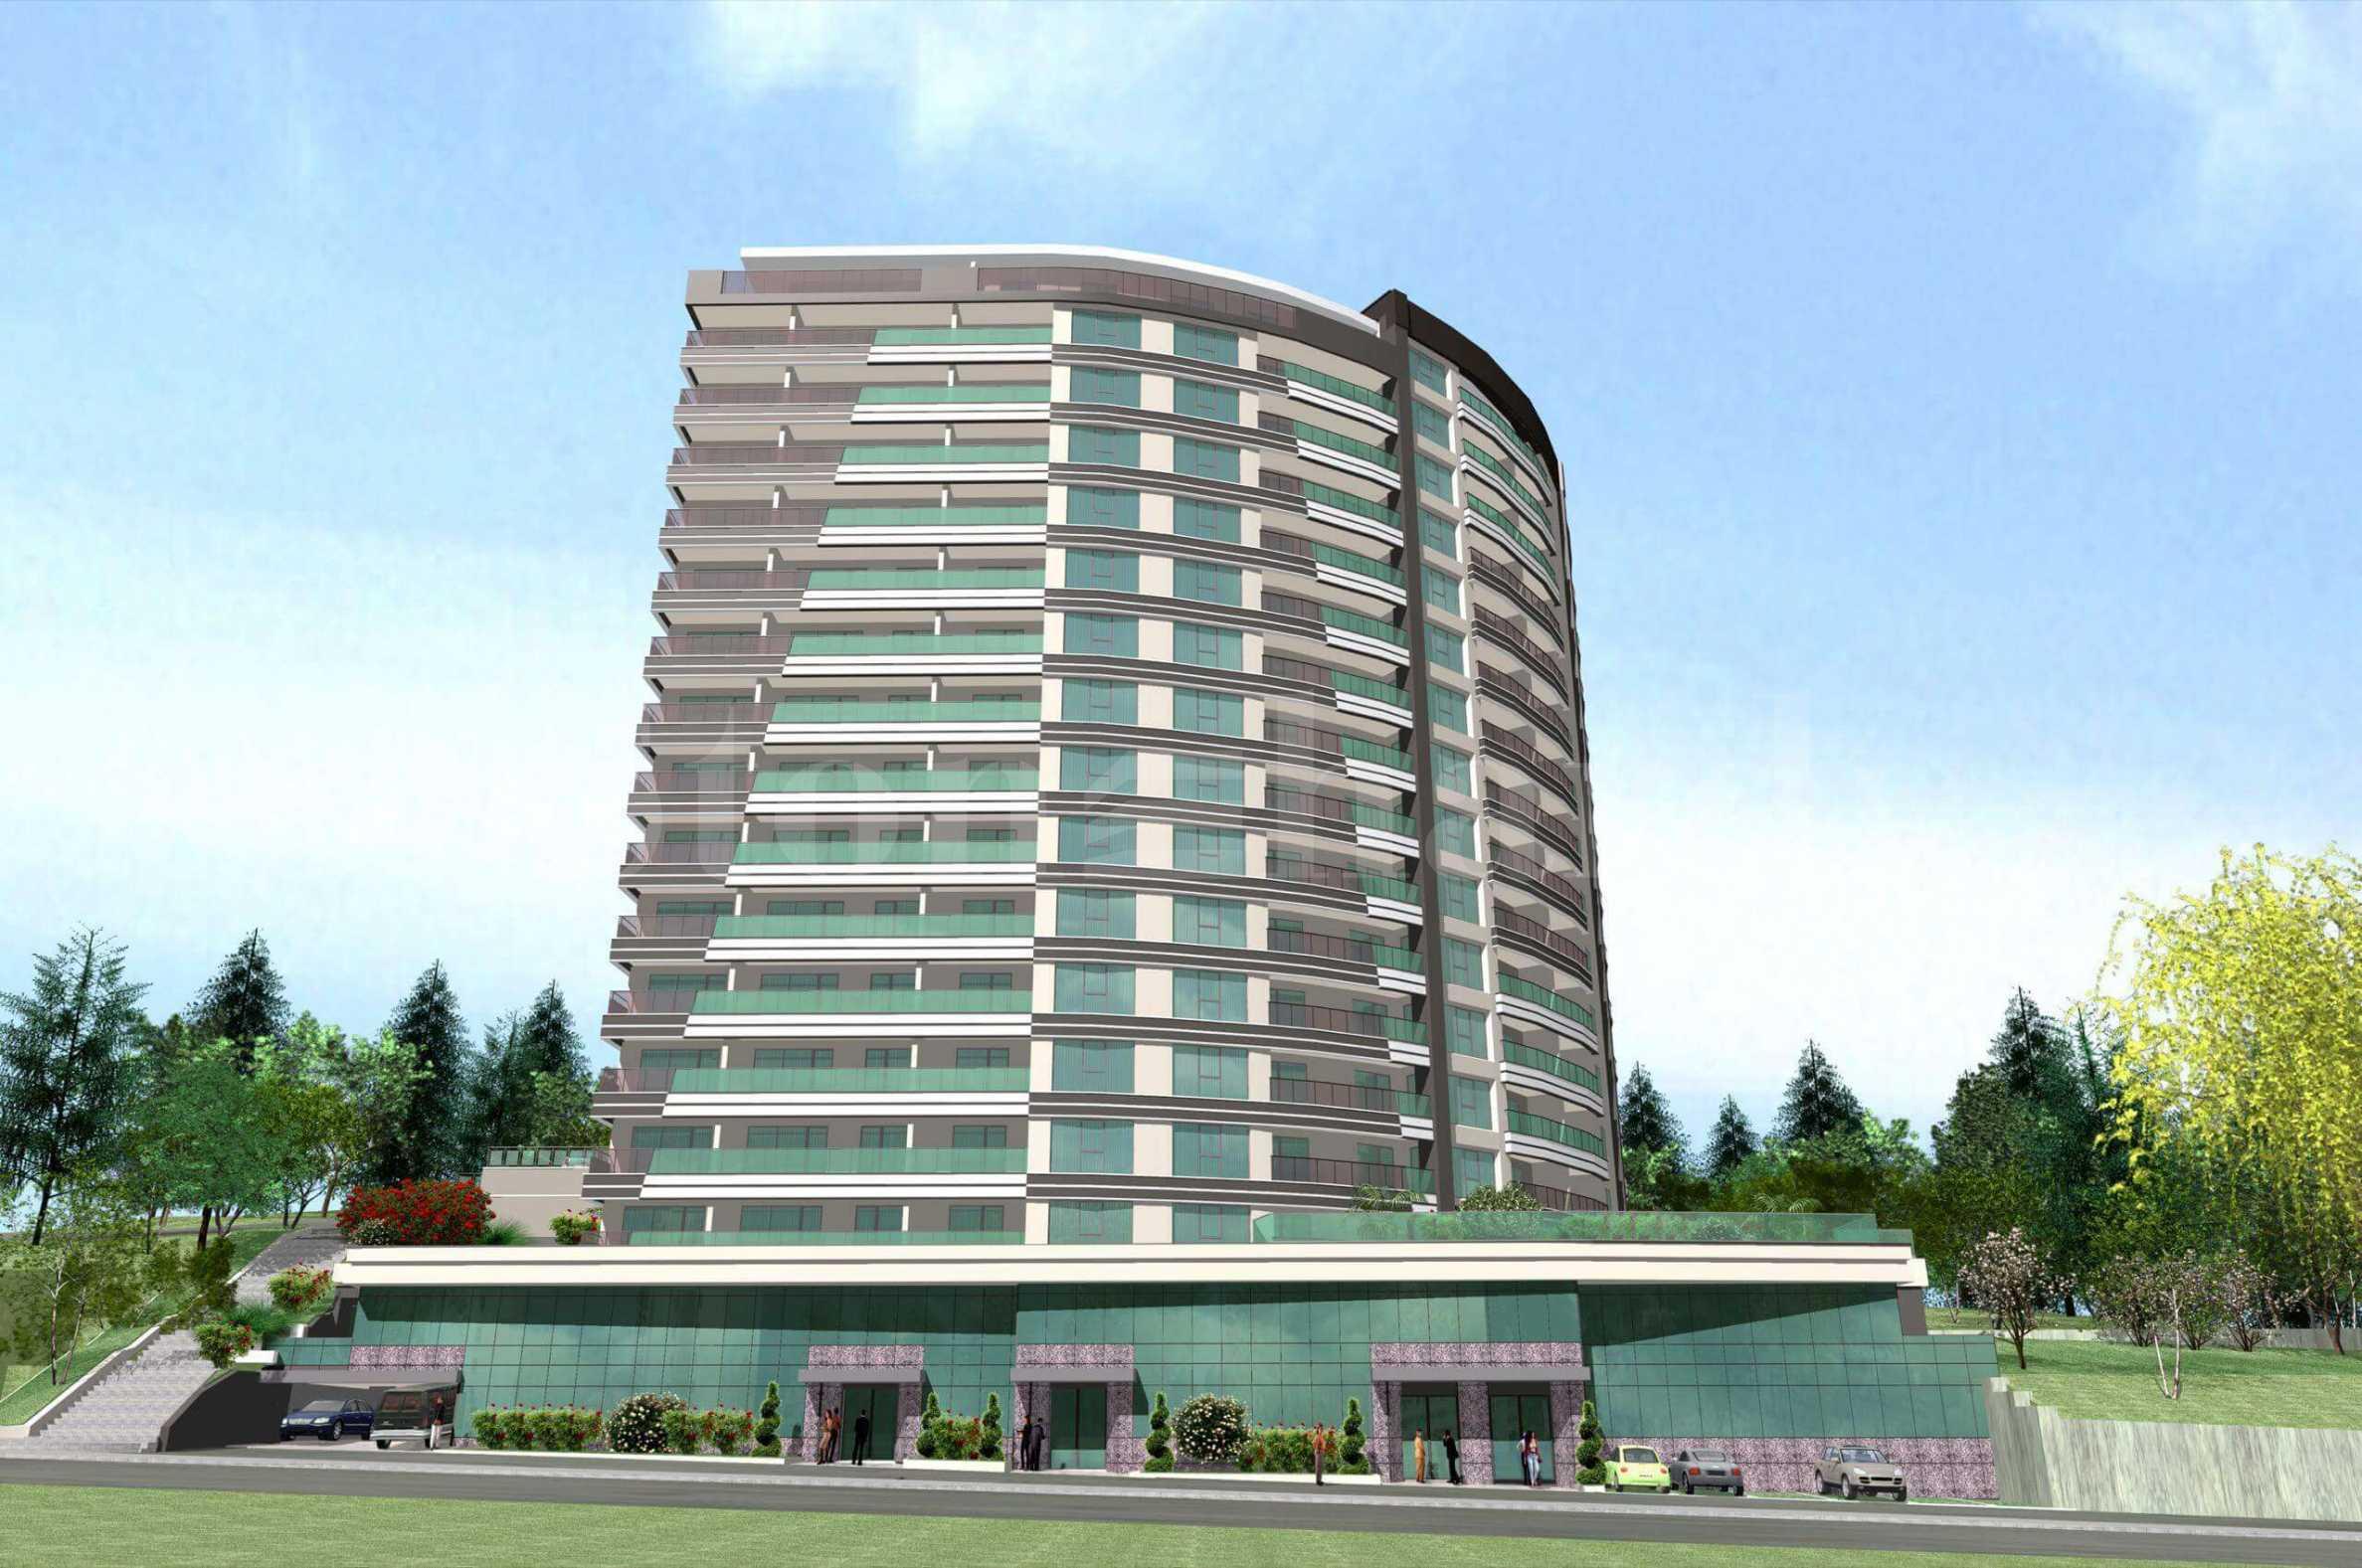 Ефектна сграда с практични апартаменти, бизнес имоти и паркоместа1 - Stonehard